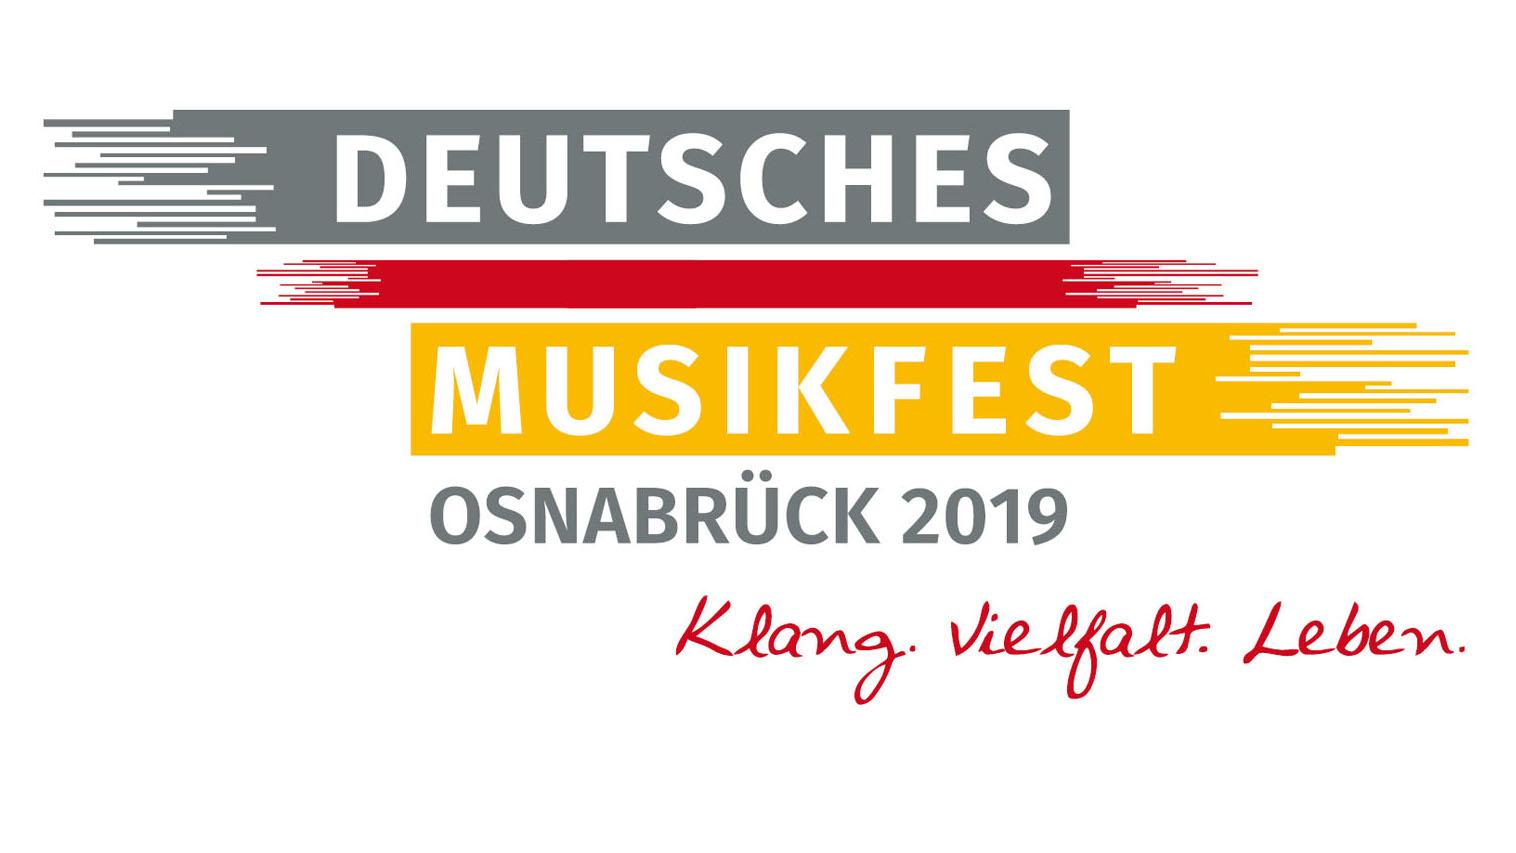 Deutsches Musikfest 2019 in Osnabrück